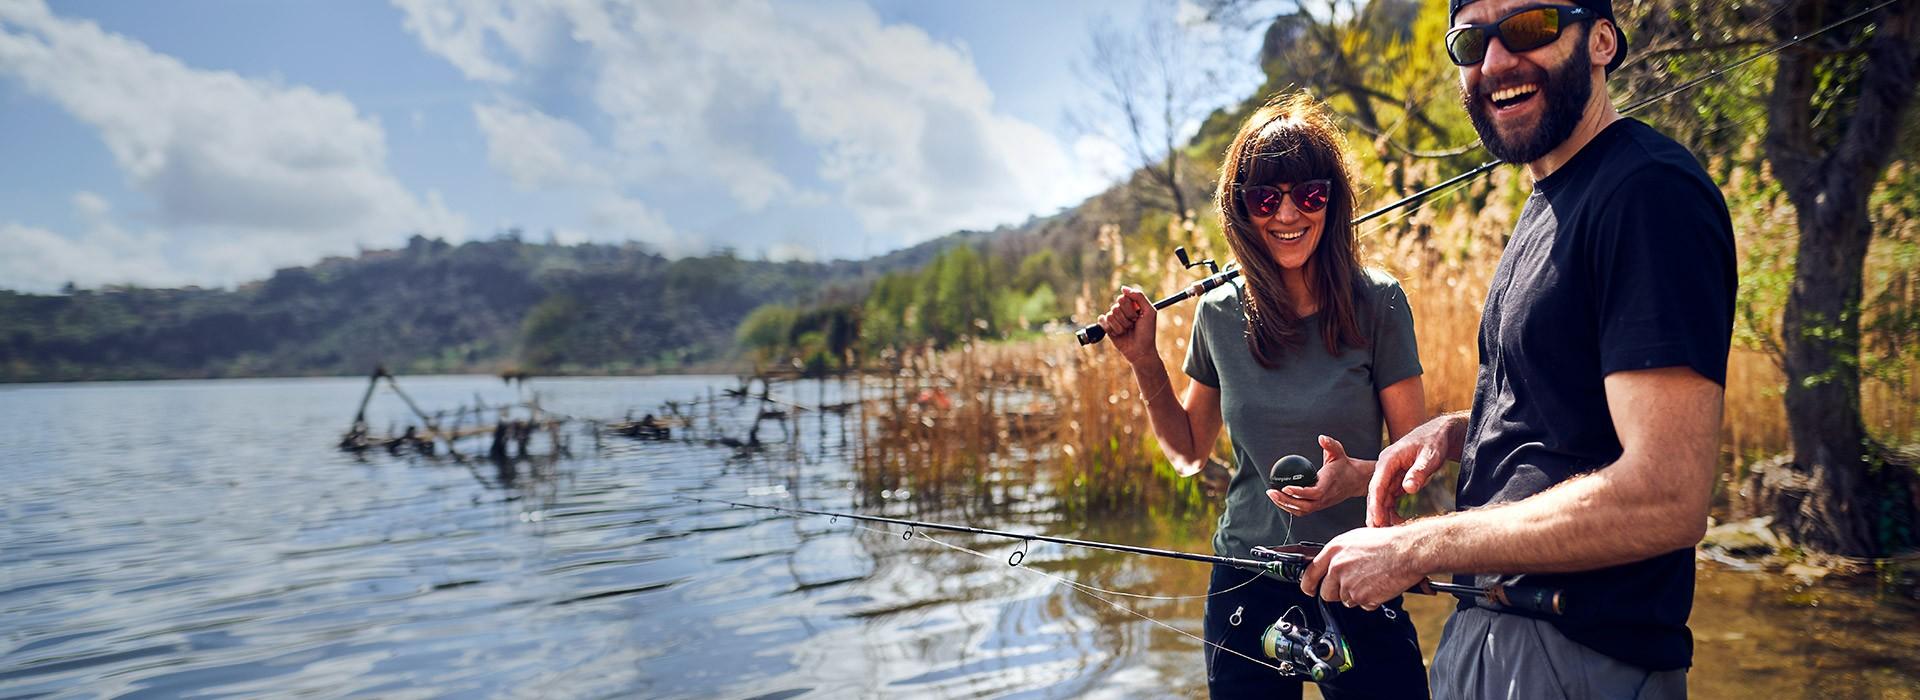 ¡Coge tus cañas de pescar y disfruta de la Naturaleza de España!Deeper desde 189.99€